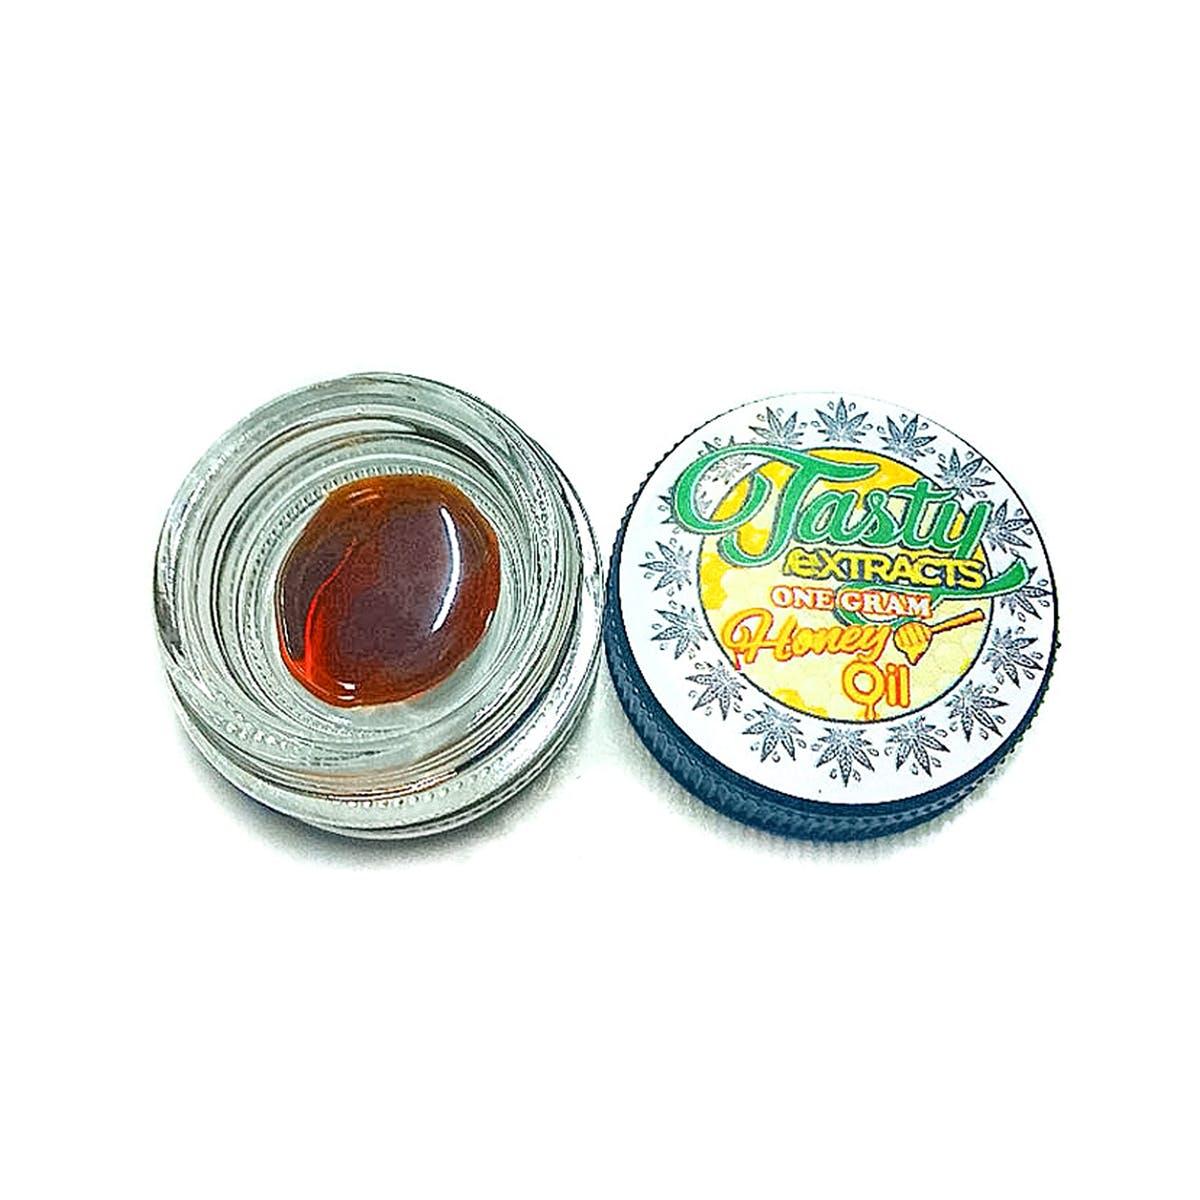 Honey Oil - OG Kush